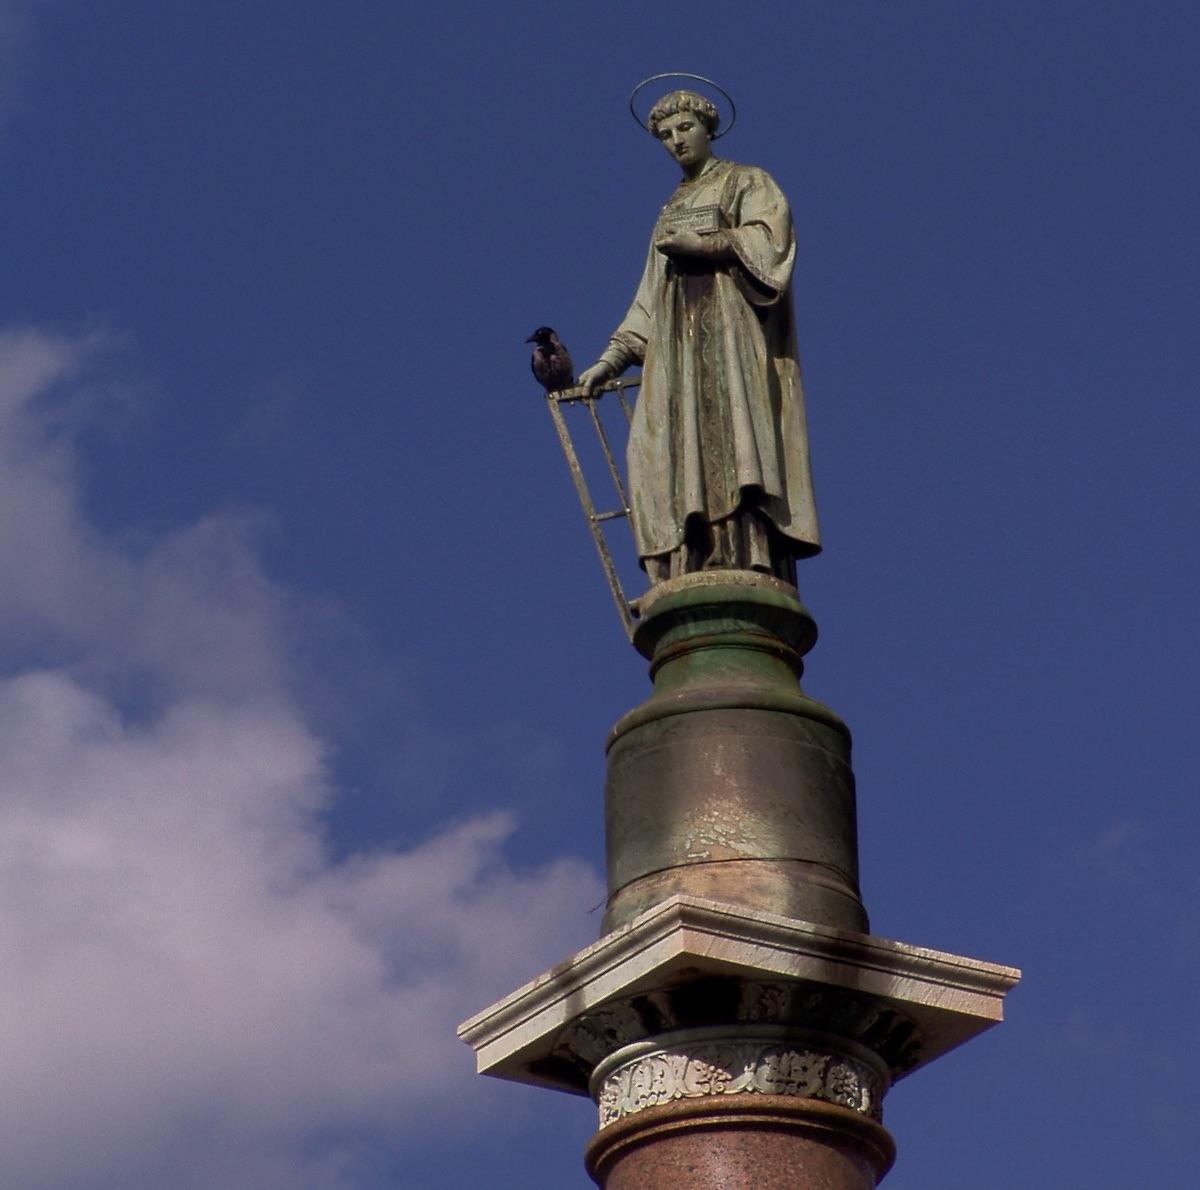 Saint Lawrence, Deacon, Martyr